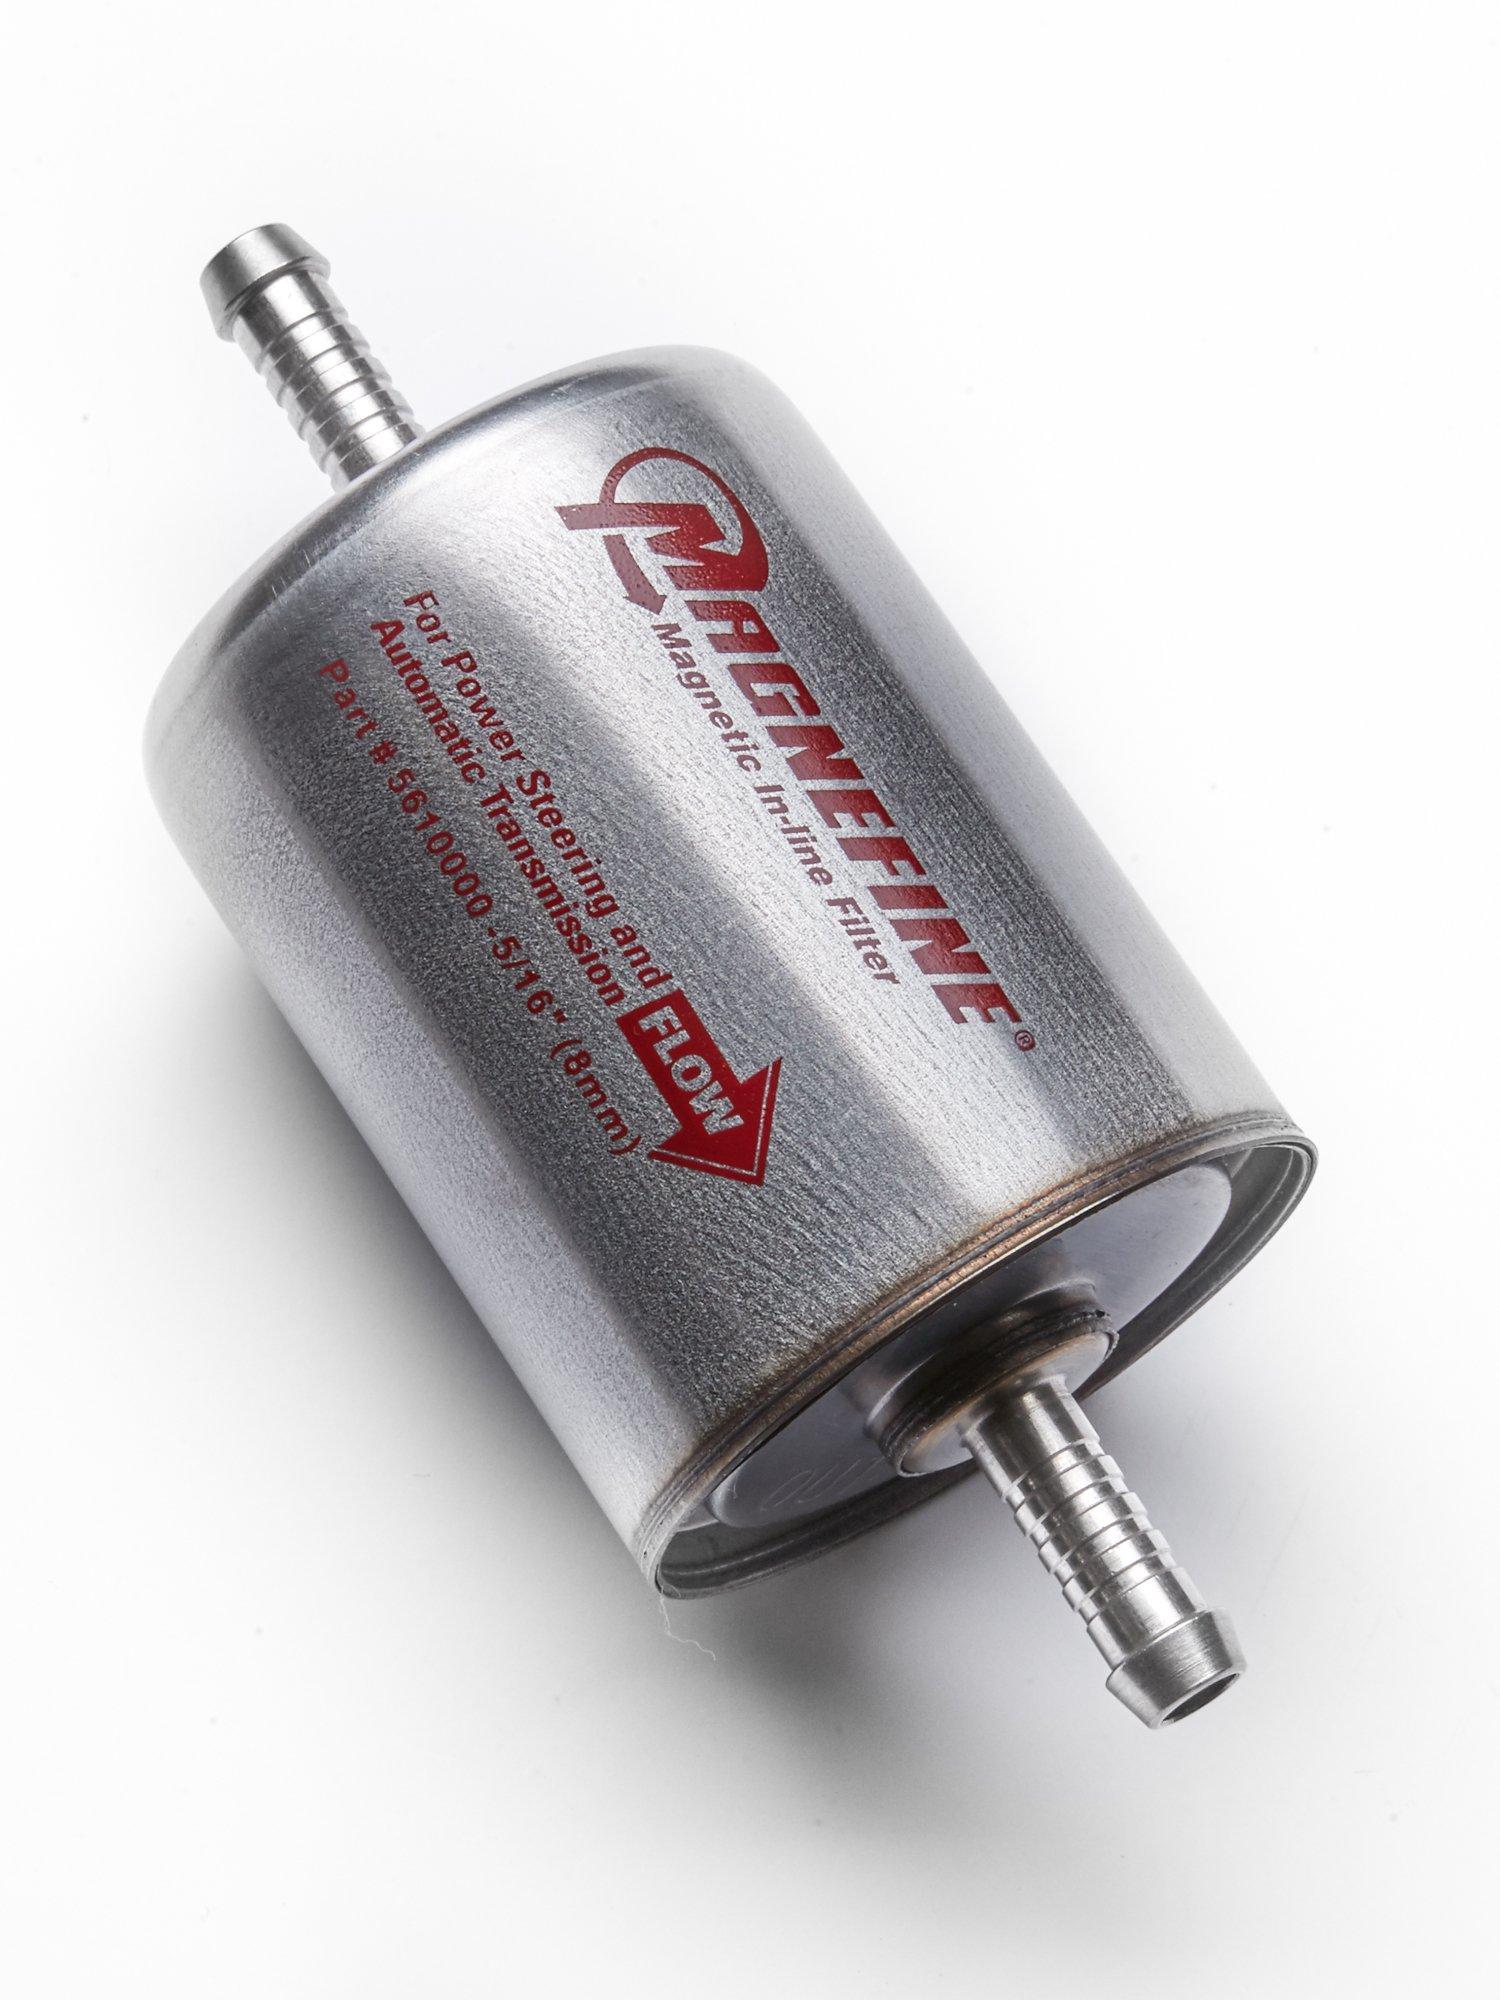 Magnefine 5/16'' Magnetic Inline Transmission Filter